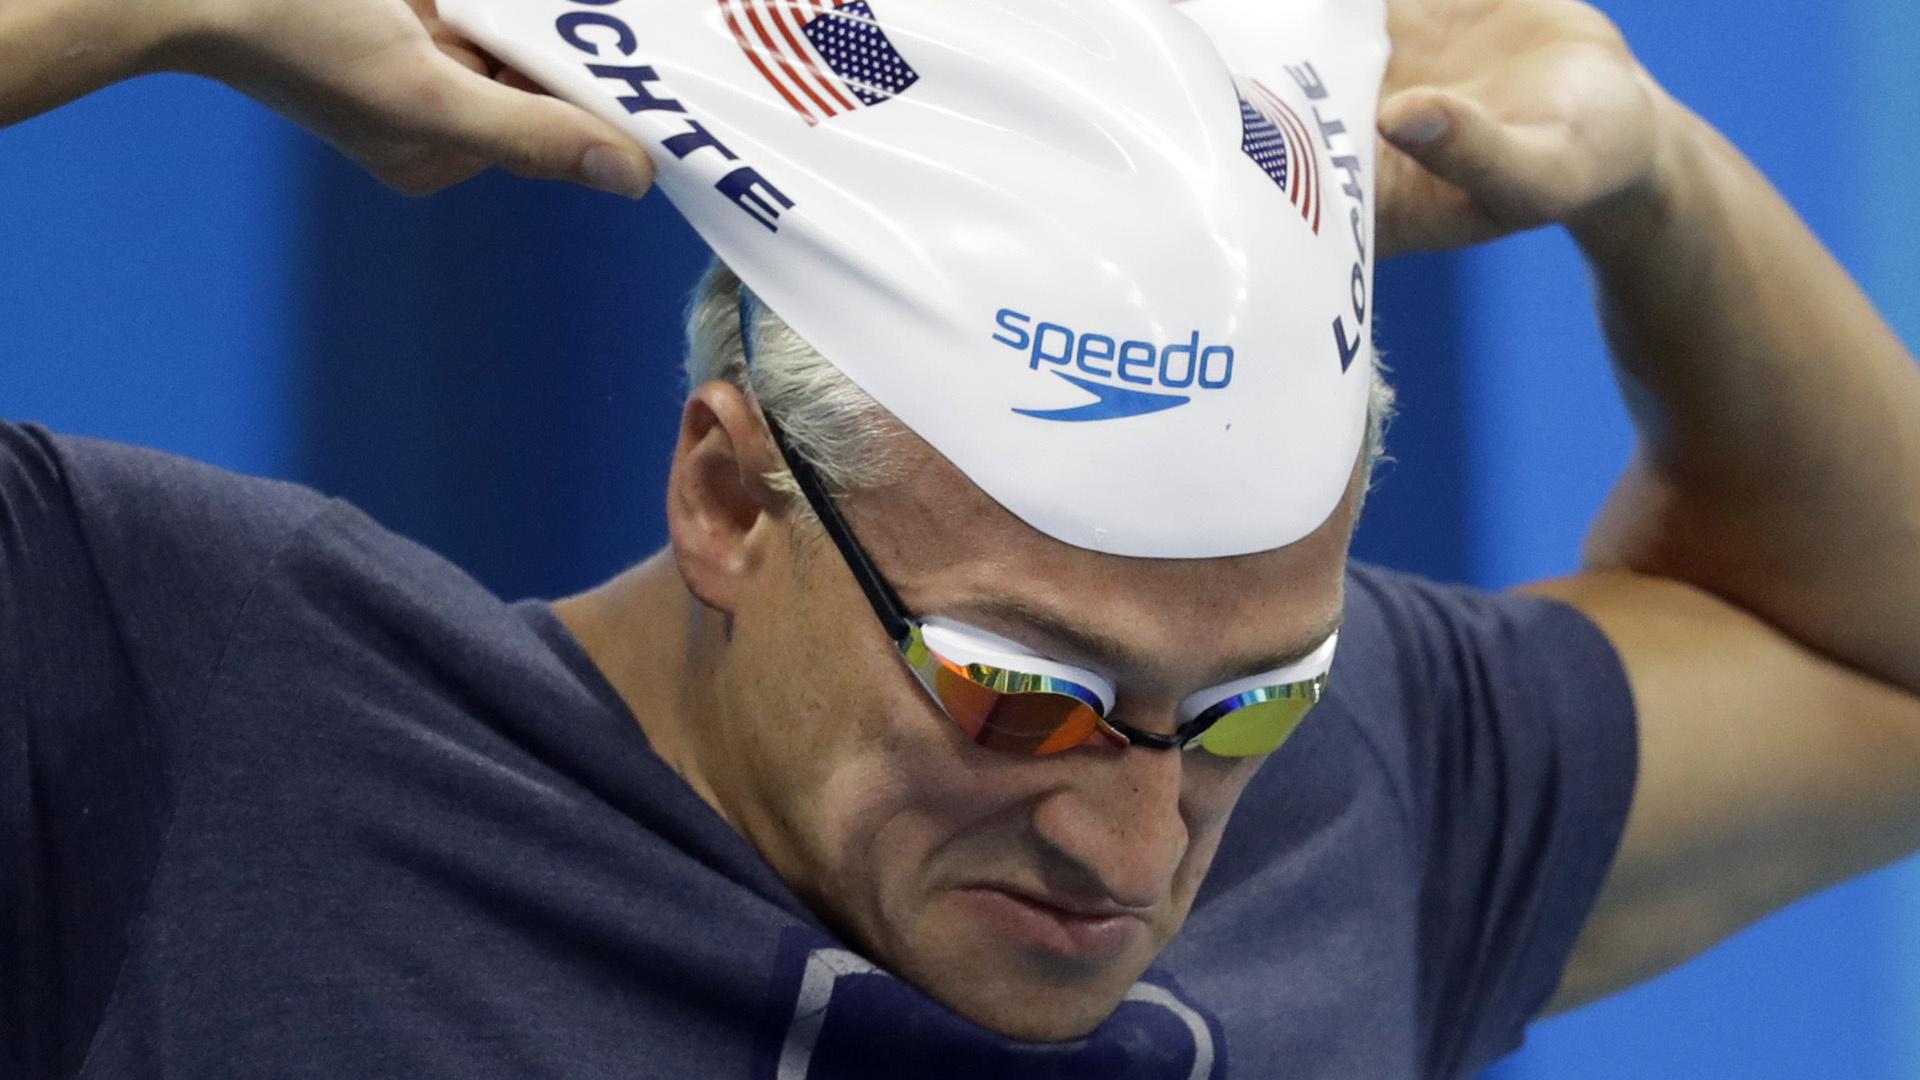 Americkí plavci si prepad vymysleli